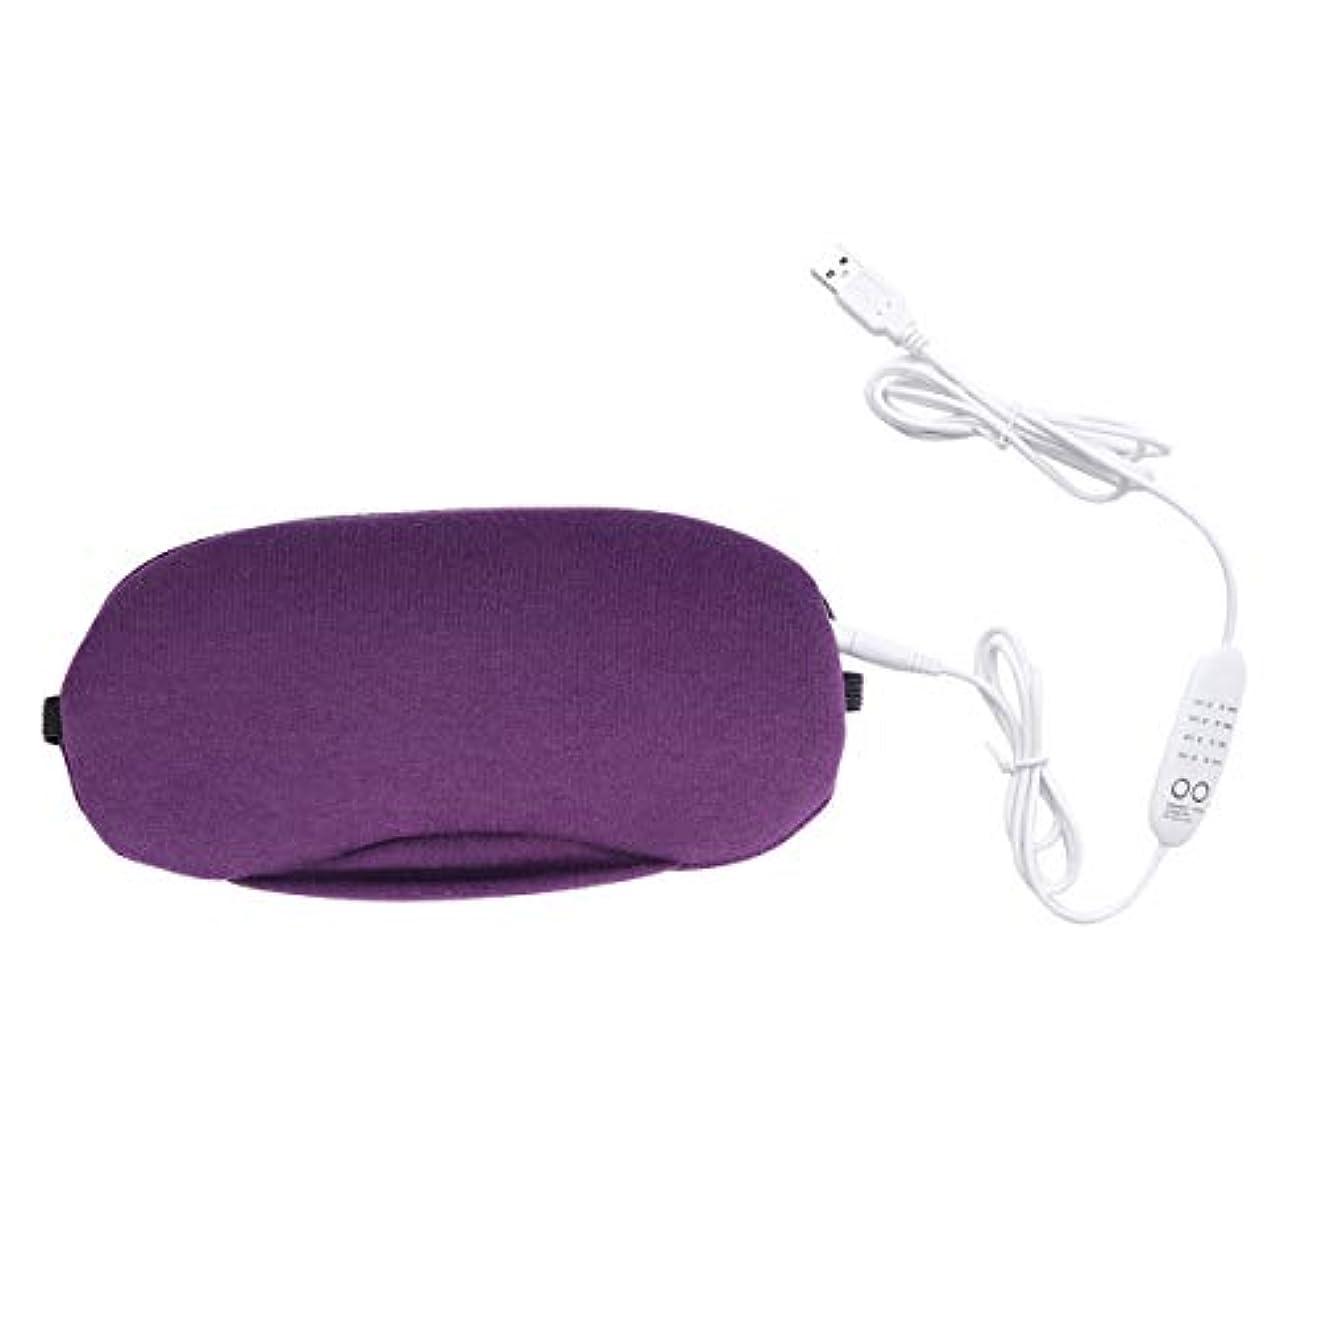 悪性のキャラクター姿勢不眠症を和らげるためのHealifty USBスチームアイマスク目隠しホットコンプレッションアイシールドドライアイ疲労(紫色)